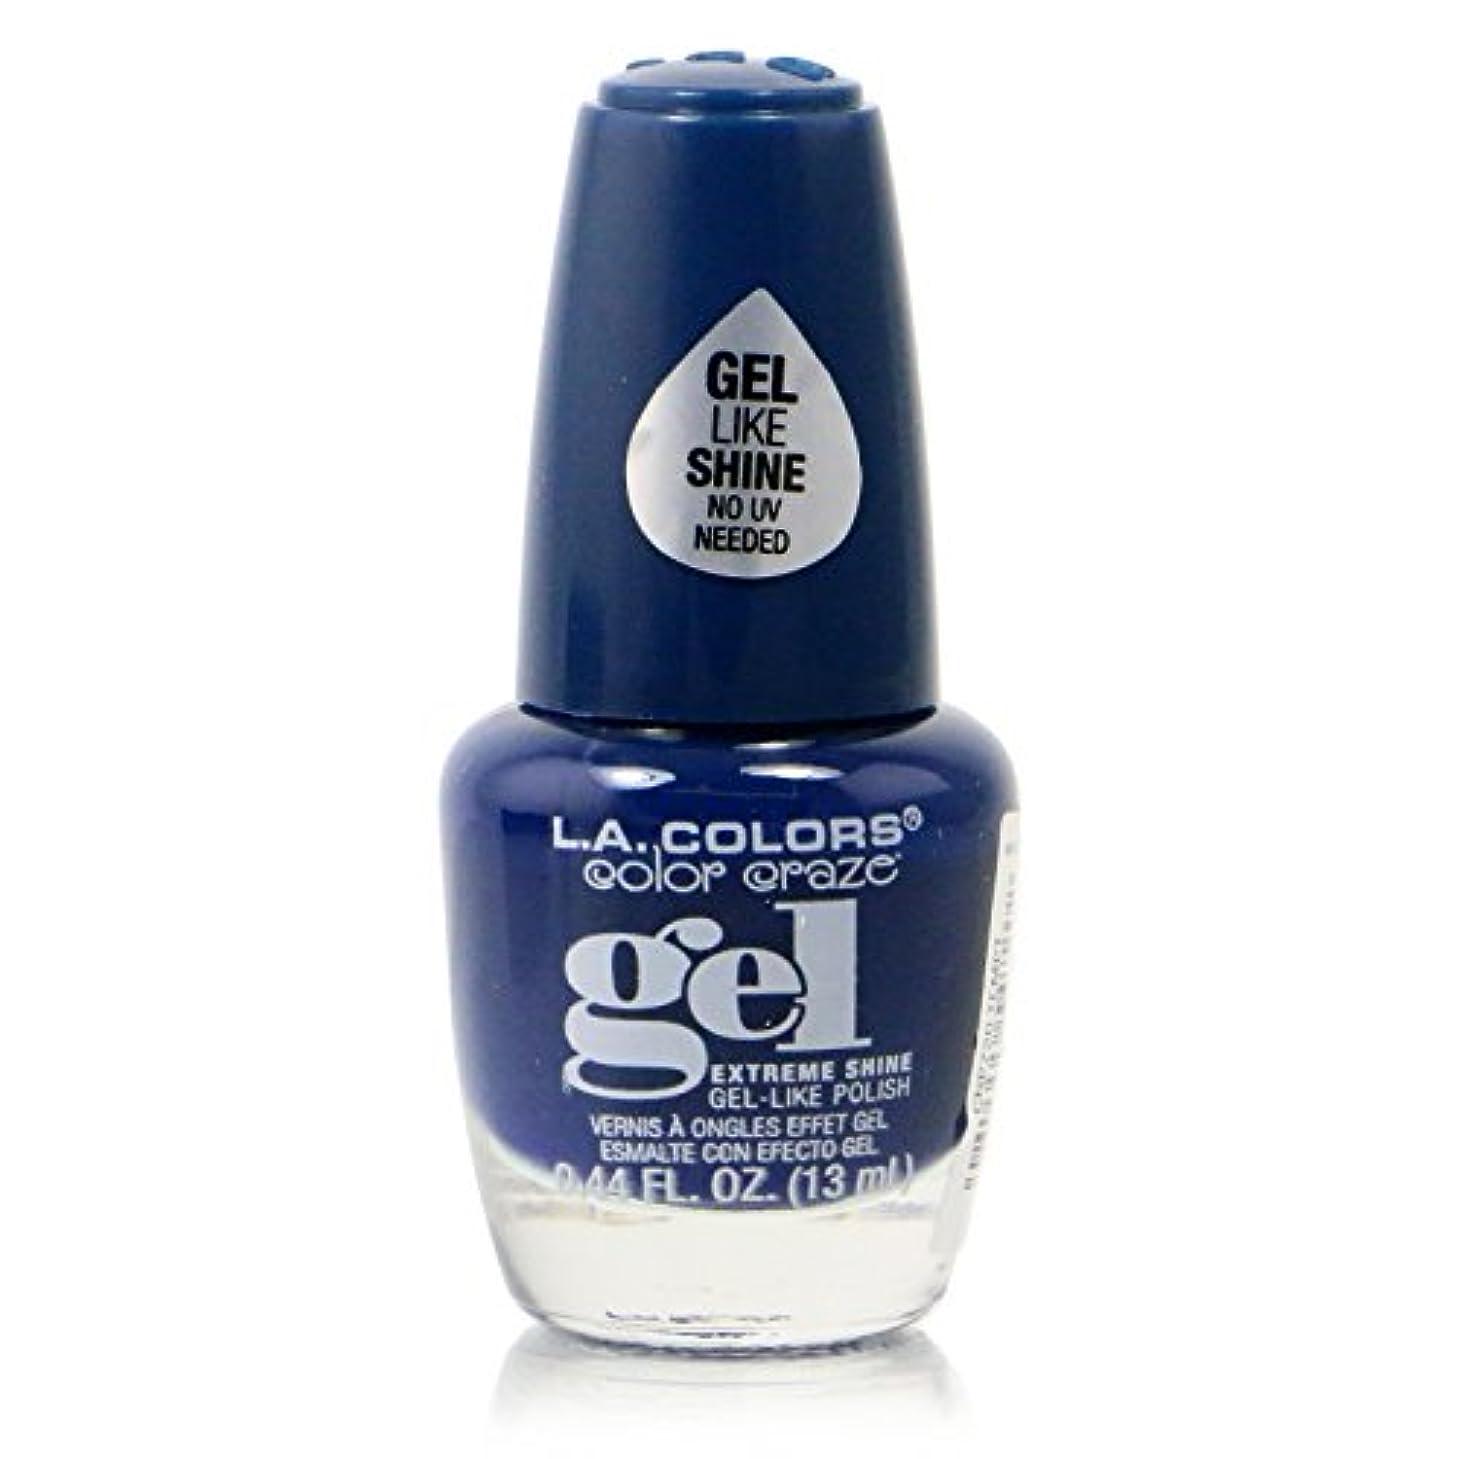 可動式特異なカジュアルLA Colors 美容化粧品21 Cnp720美容化粧品21